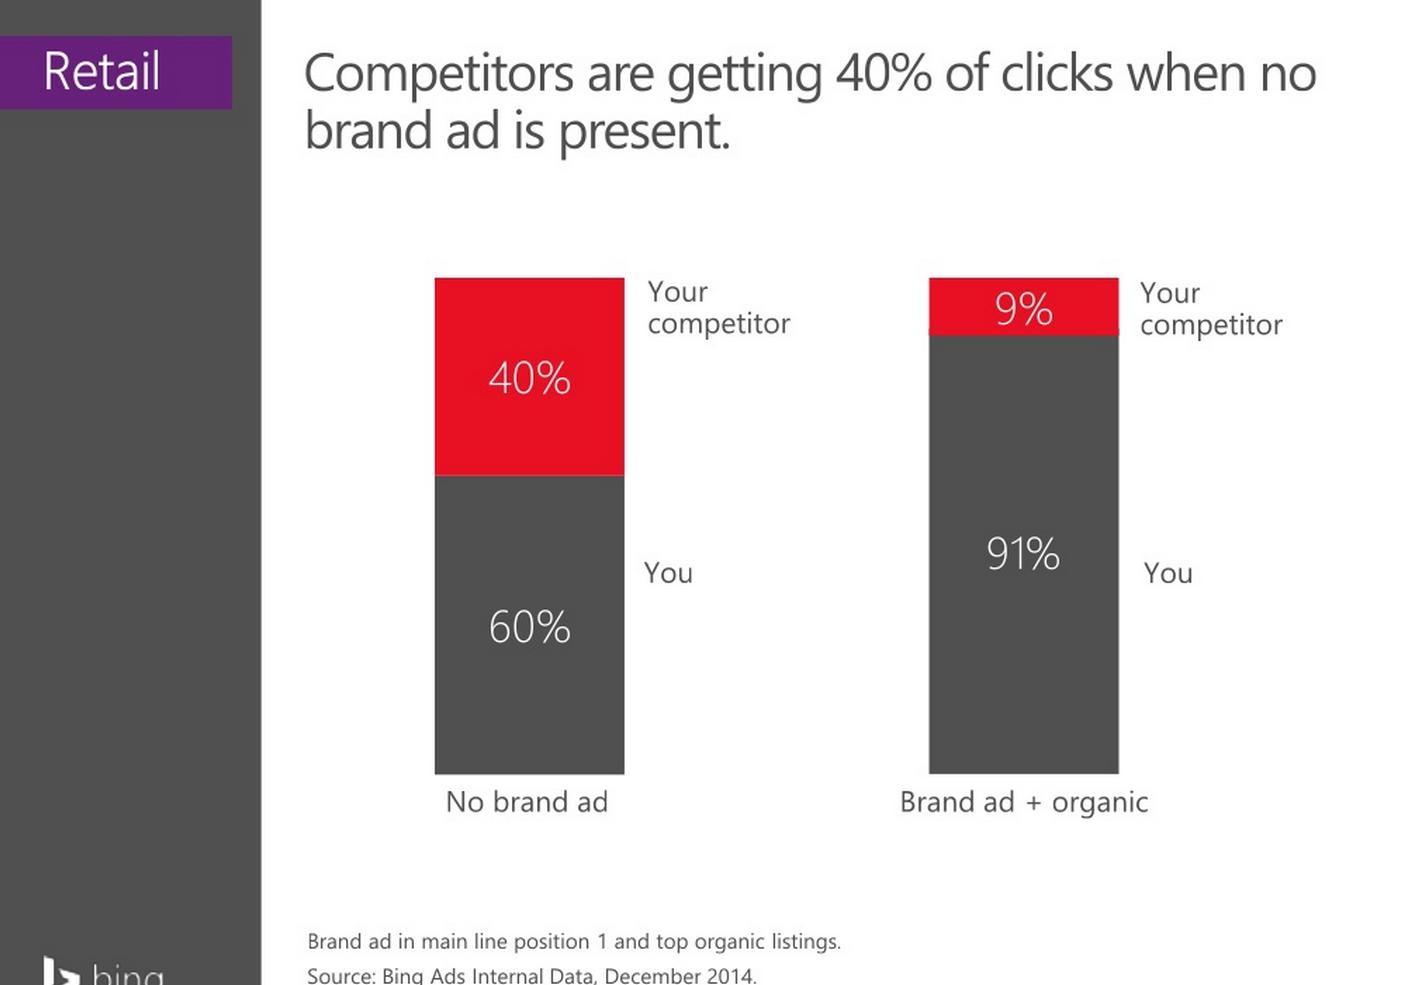 Аккаунты, дающие рекламу по бренду, получили дополнительные 31% кликов из брендированного трафика